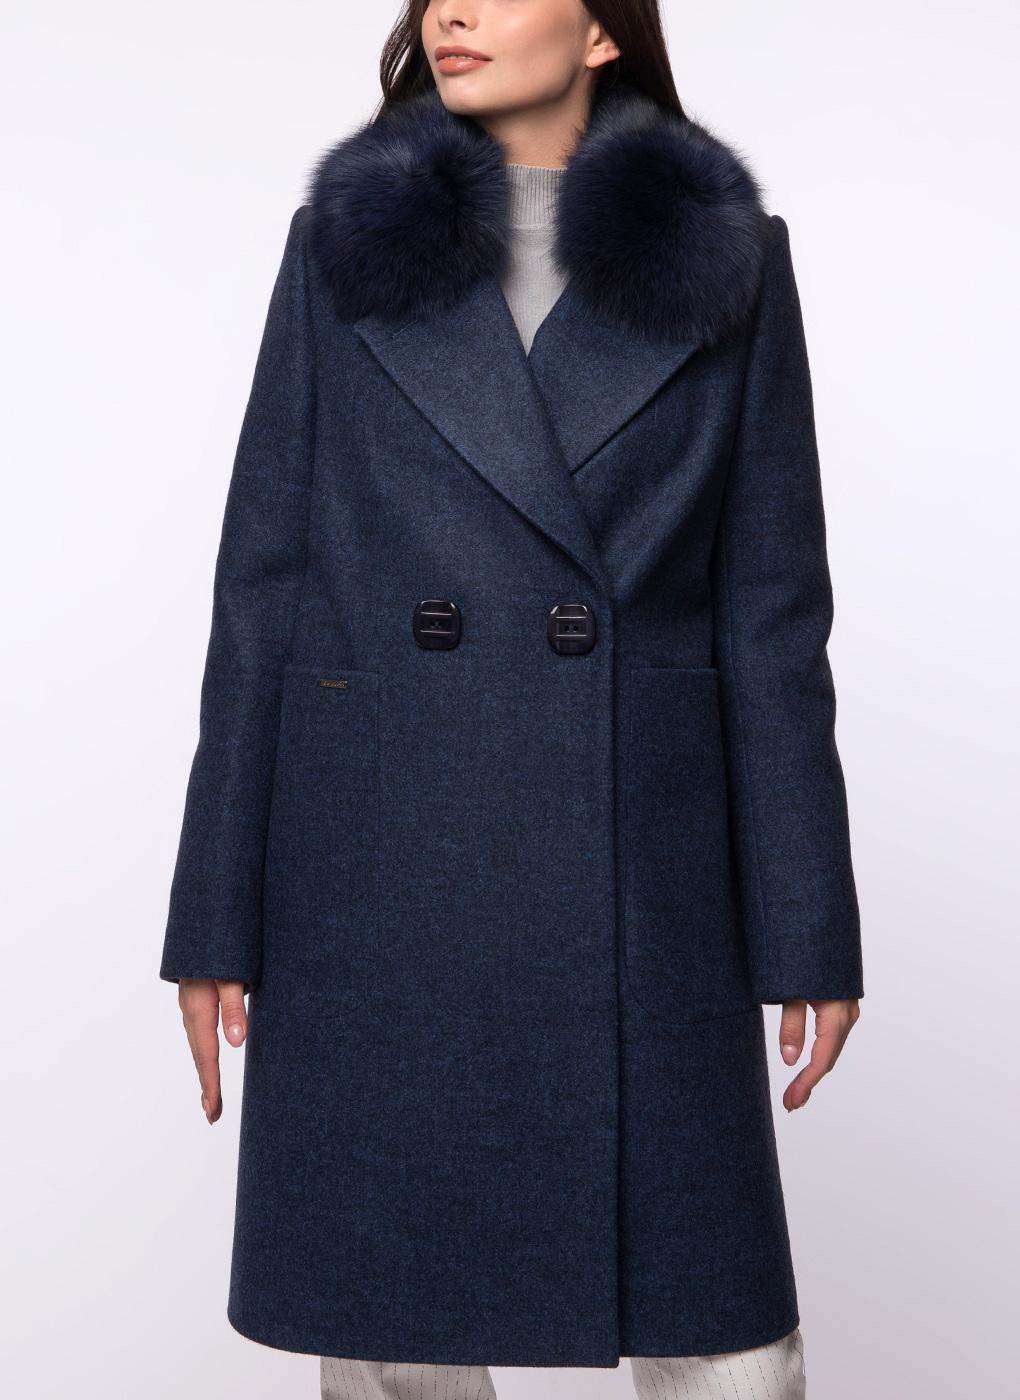 Пальто прямое полушерстяное 50, idekka фото